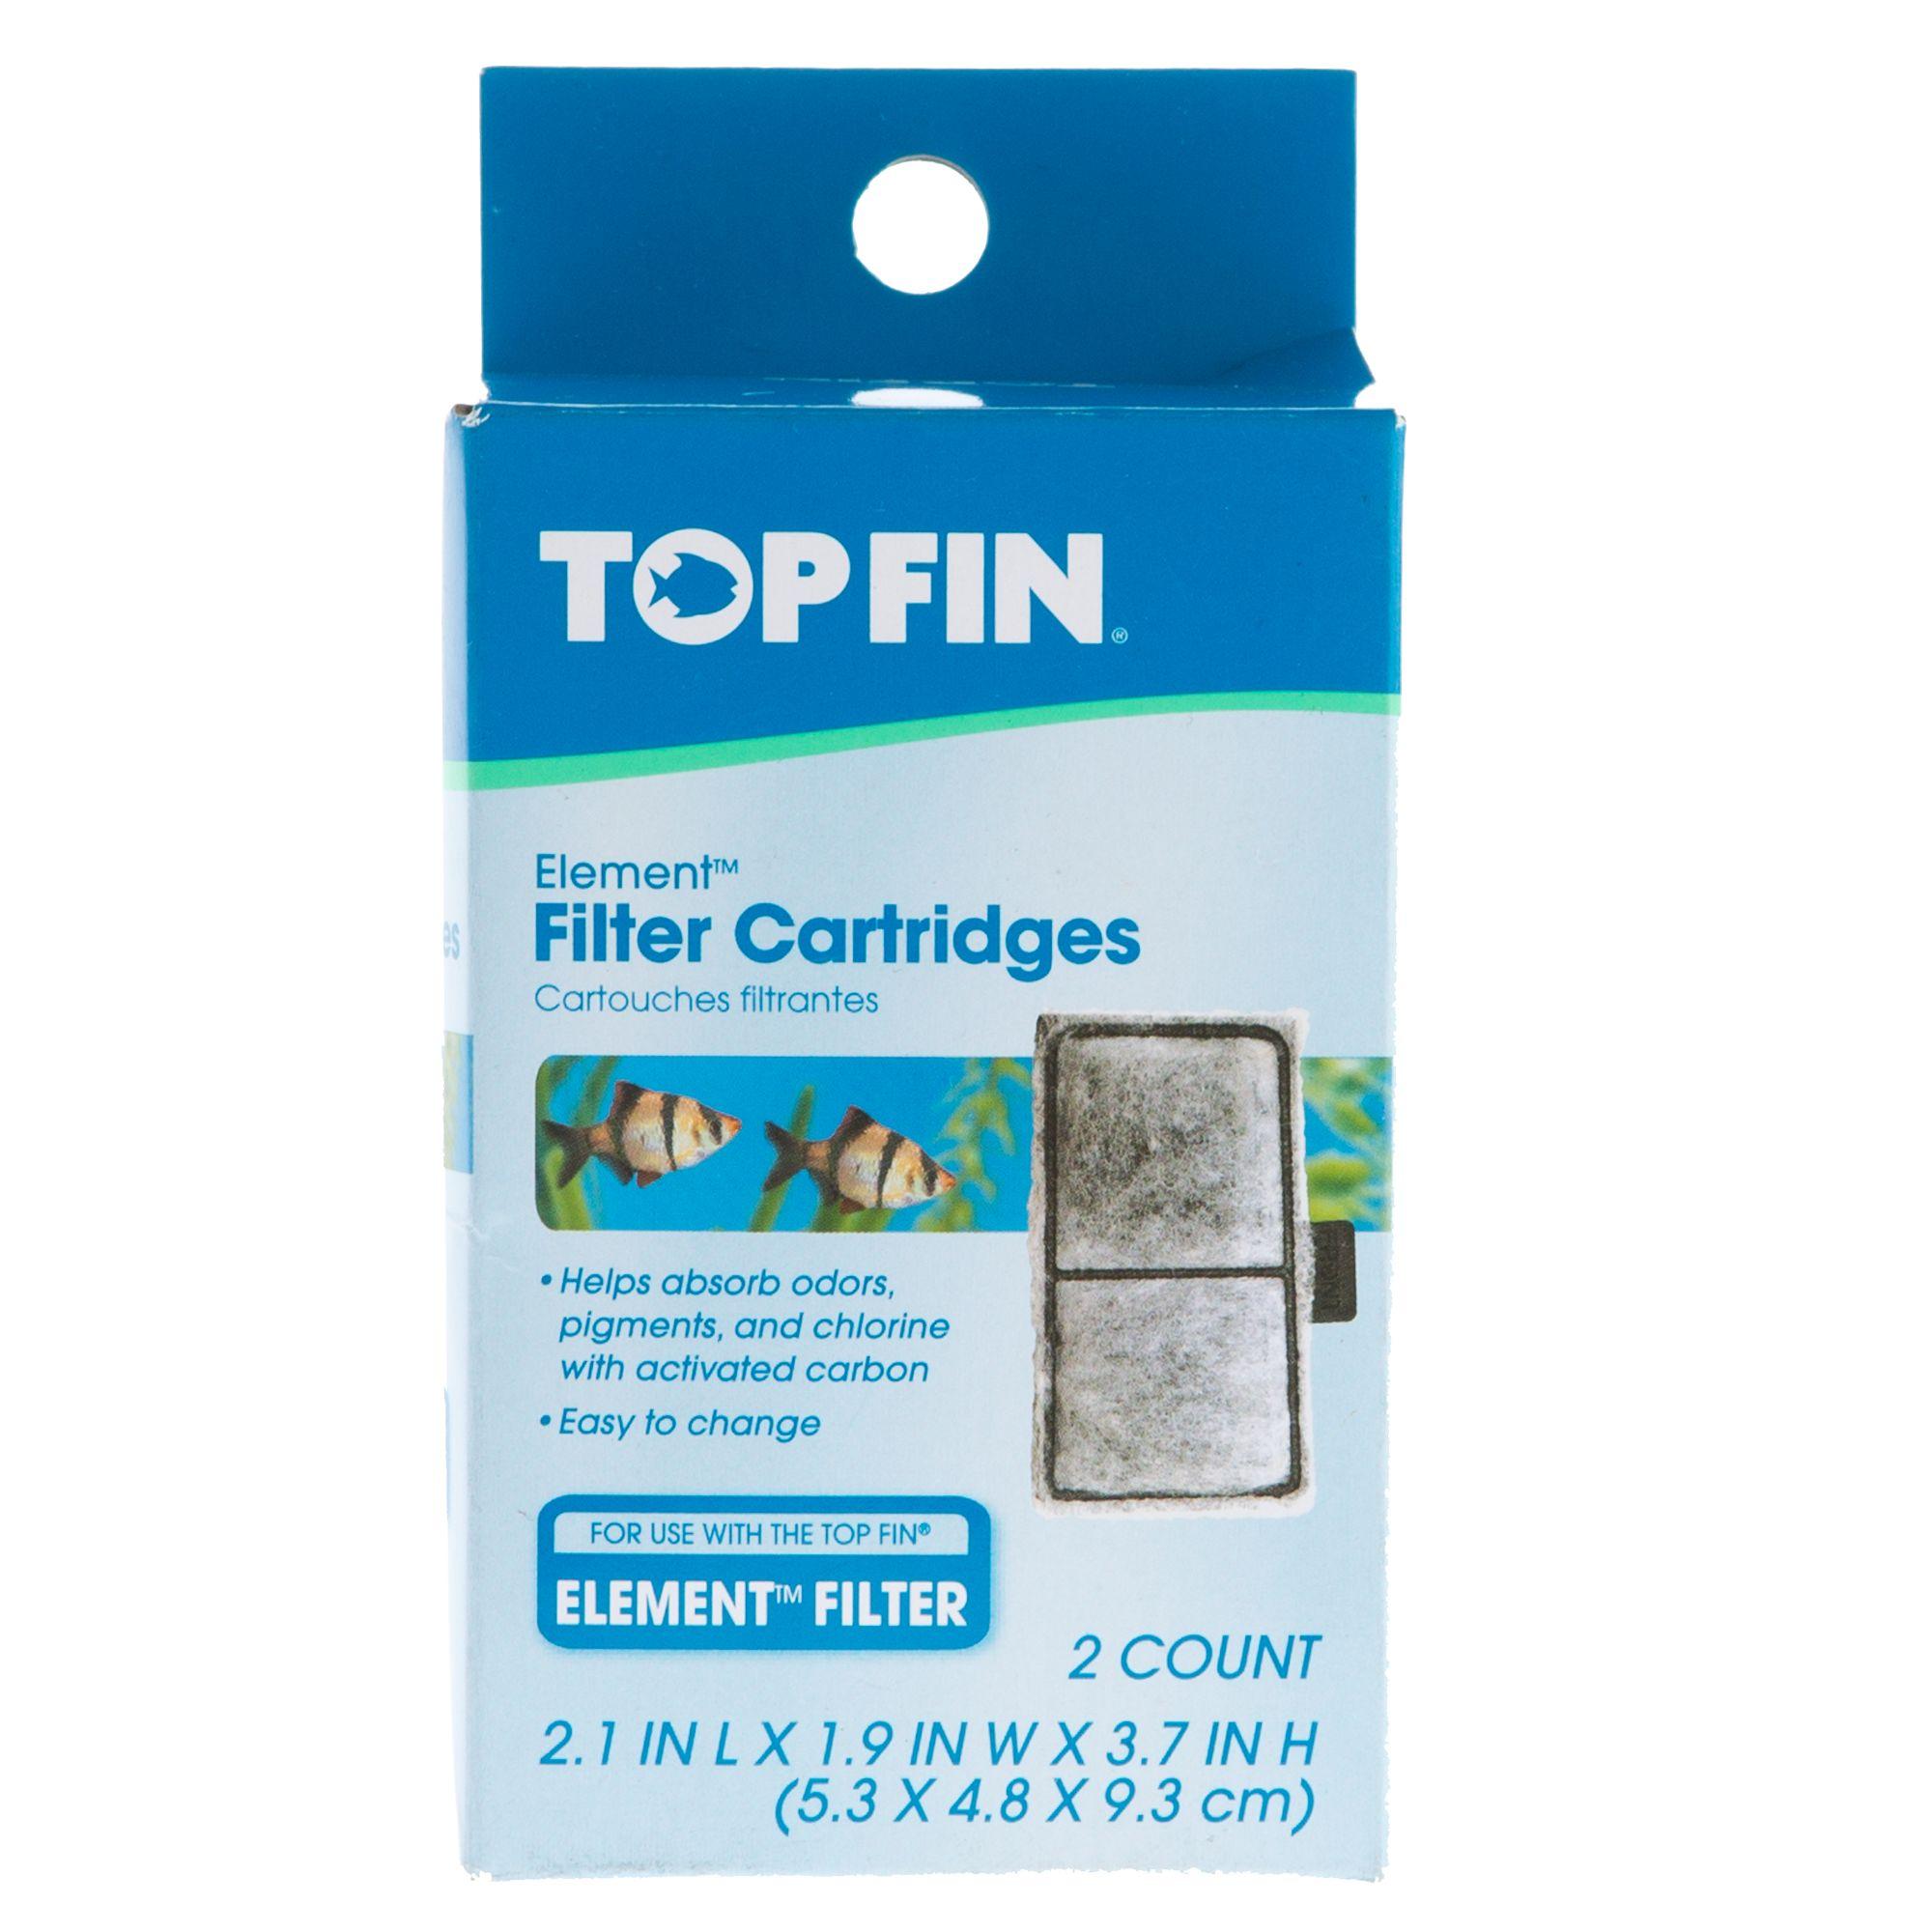 Top Fin Element Filter Cartridges Fish Filter Media Petsmart